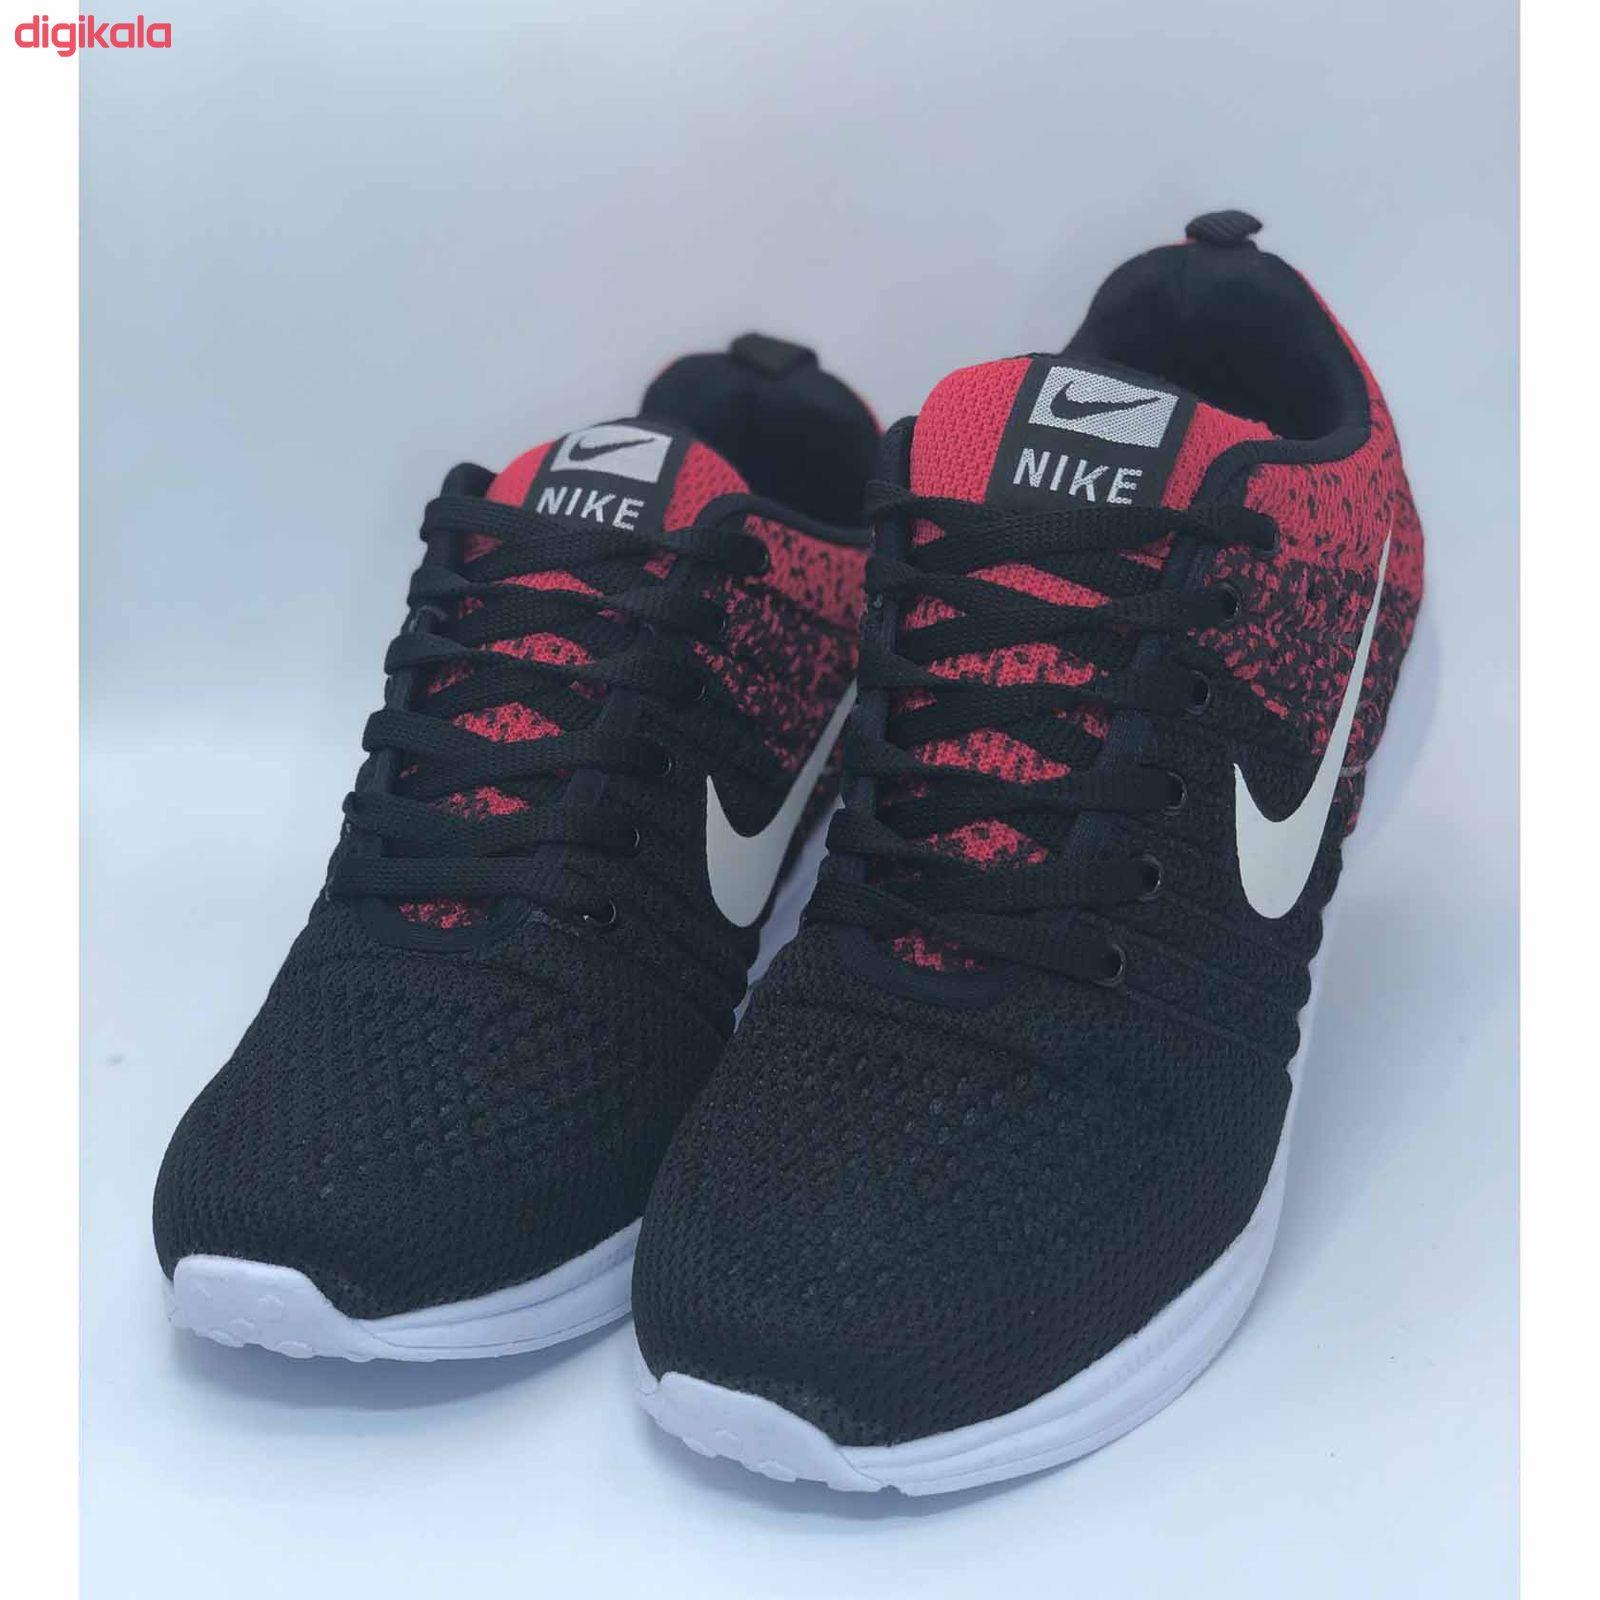 کفش مخصوص پیاده روی مردانه کد nm 123 main 1 3